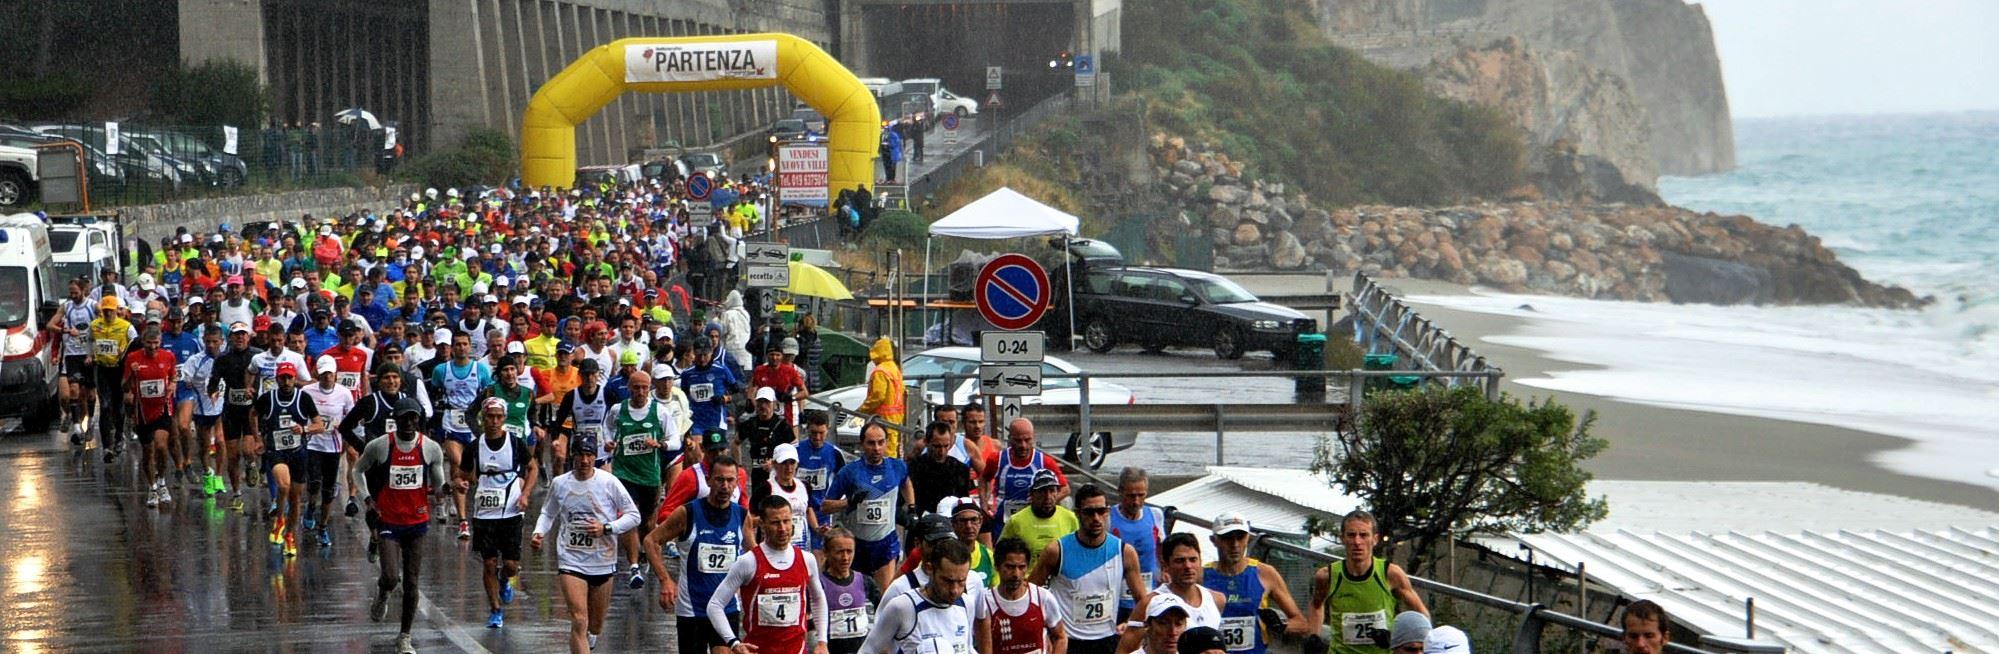 runrivierarun half marathon